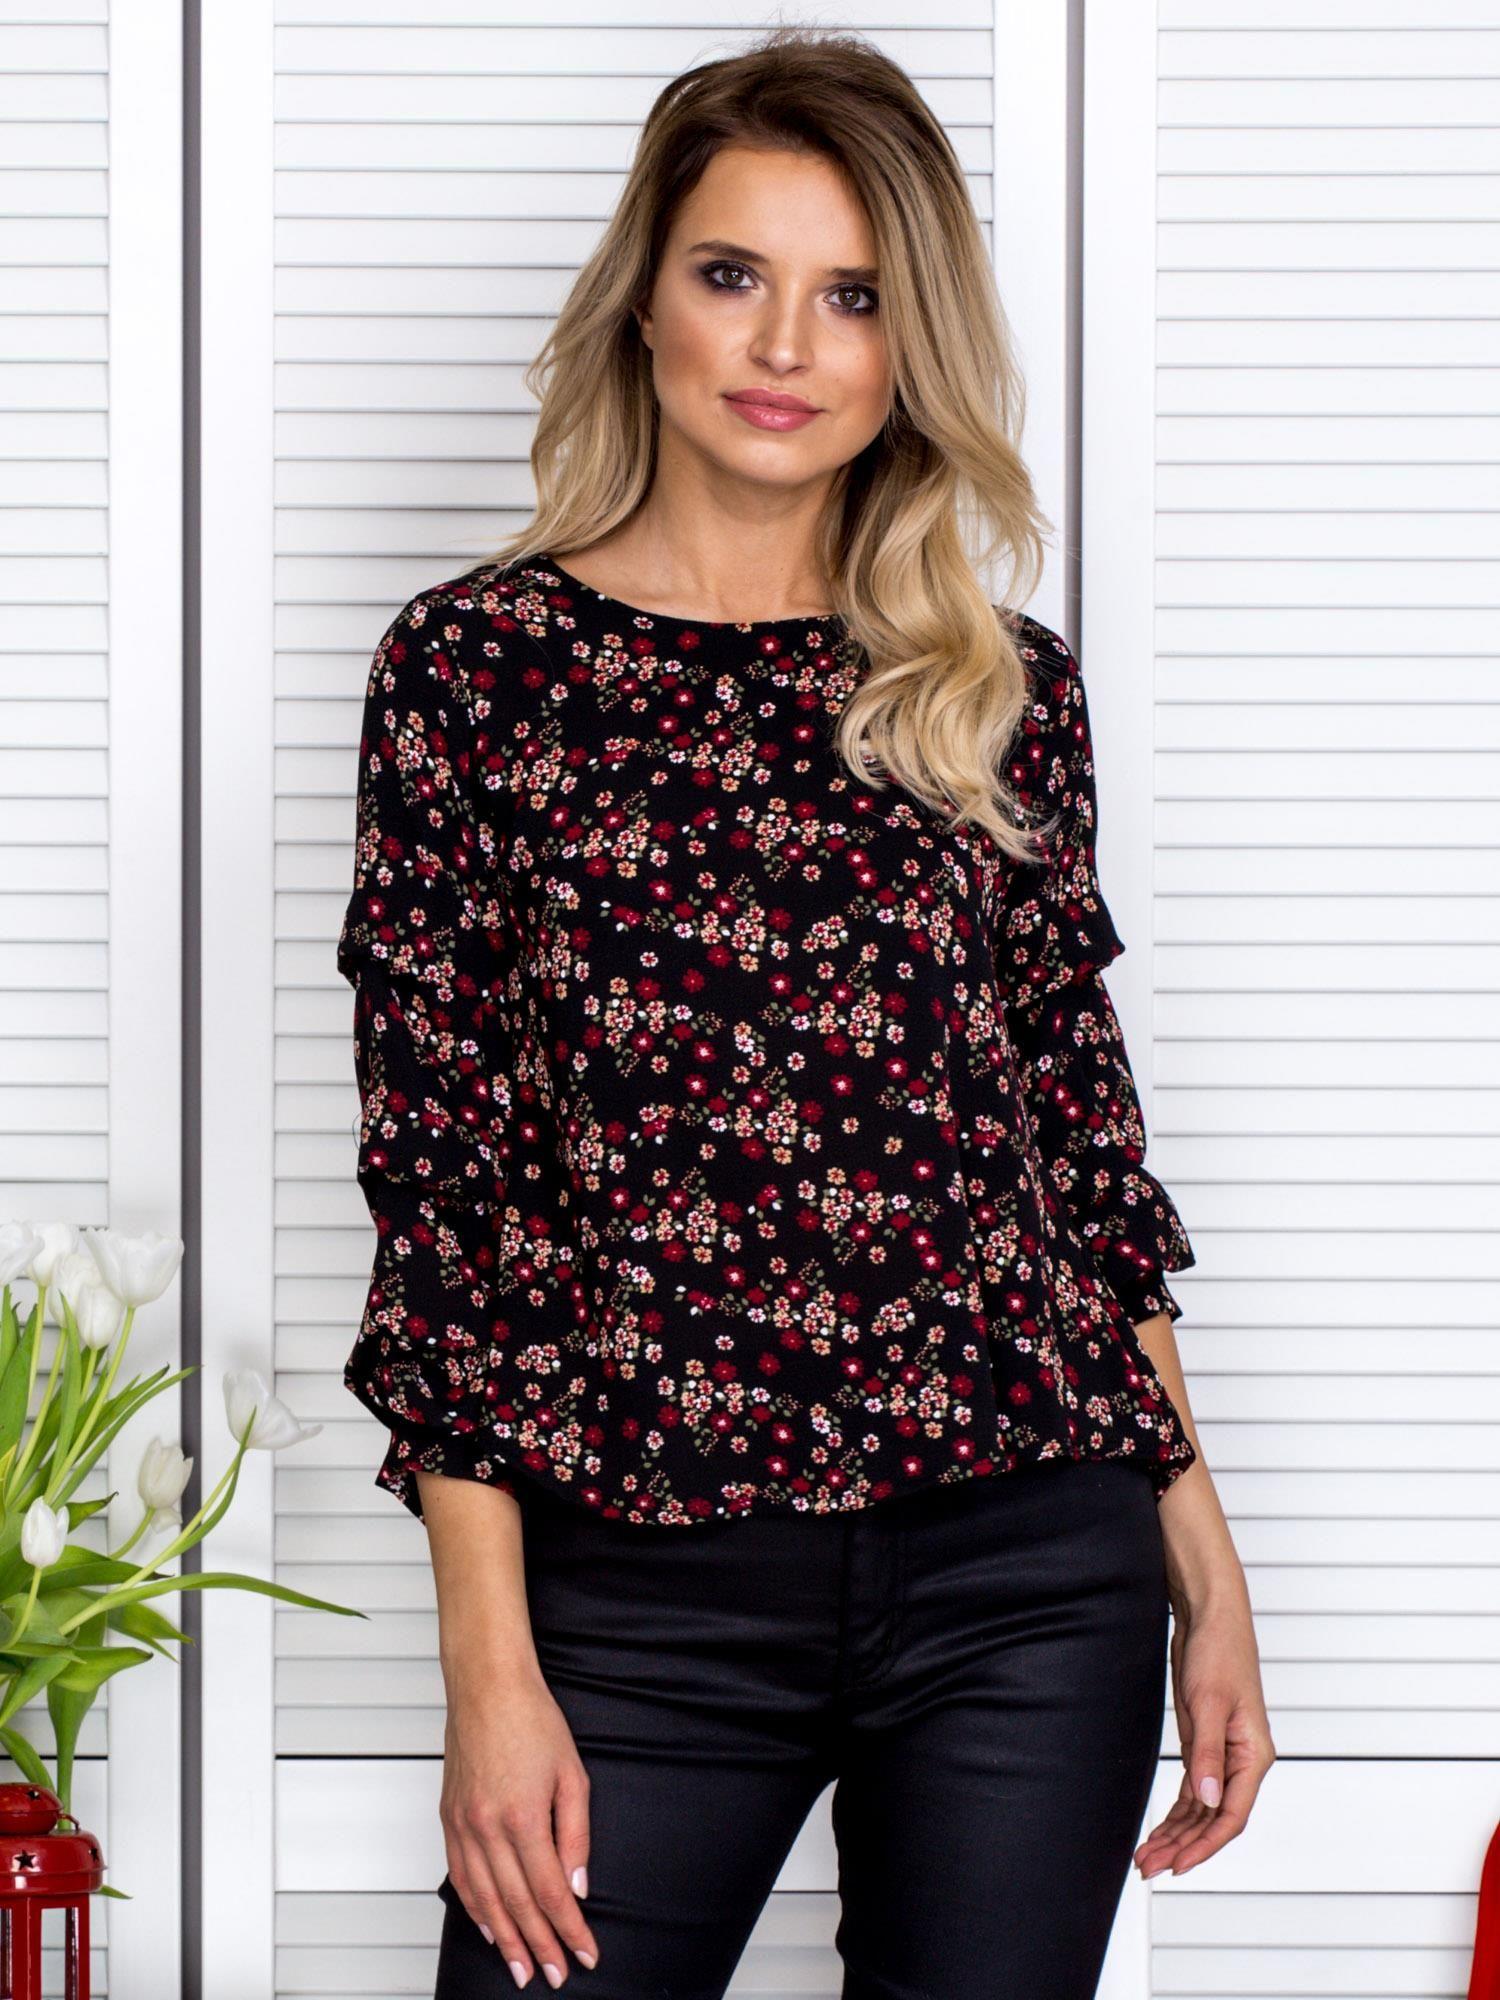 304e47812a77 Bluzka w drobne kwiatki z ozdobnymi falbankami na rękawach czarna ...